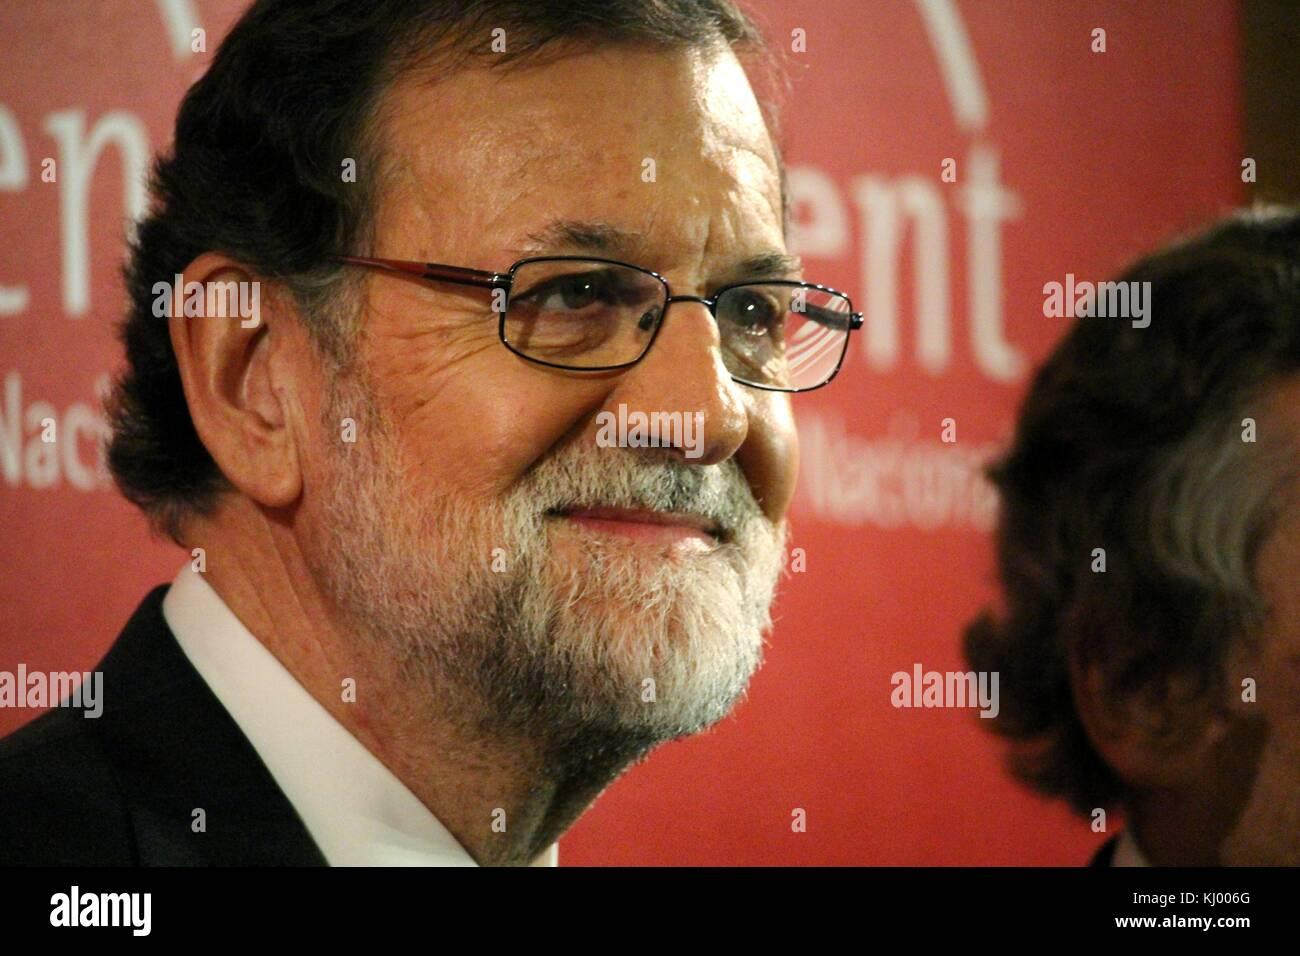 Barcelona, Spain - November 22, 2017: Spanish premier Mariano Rajoy attending the Carles Ferrer Salat Prize in Barcelona. - Stock Image